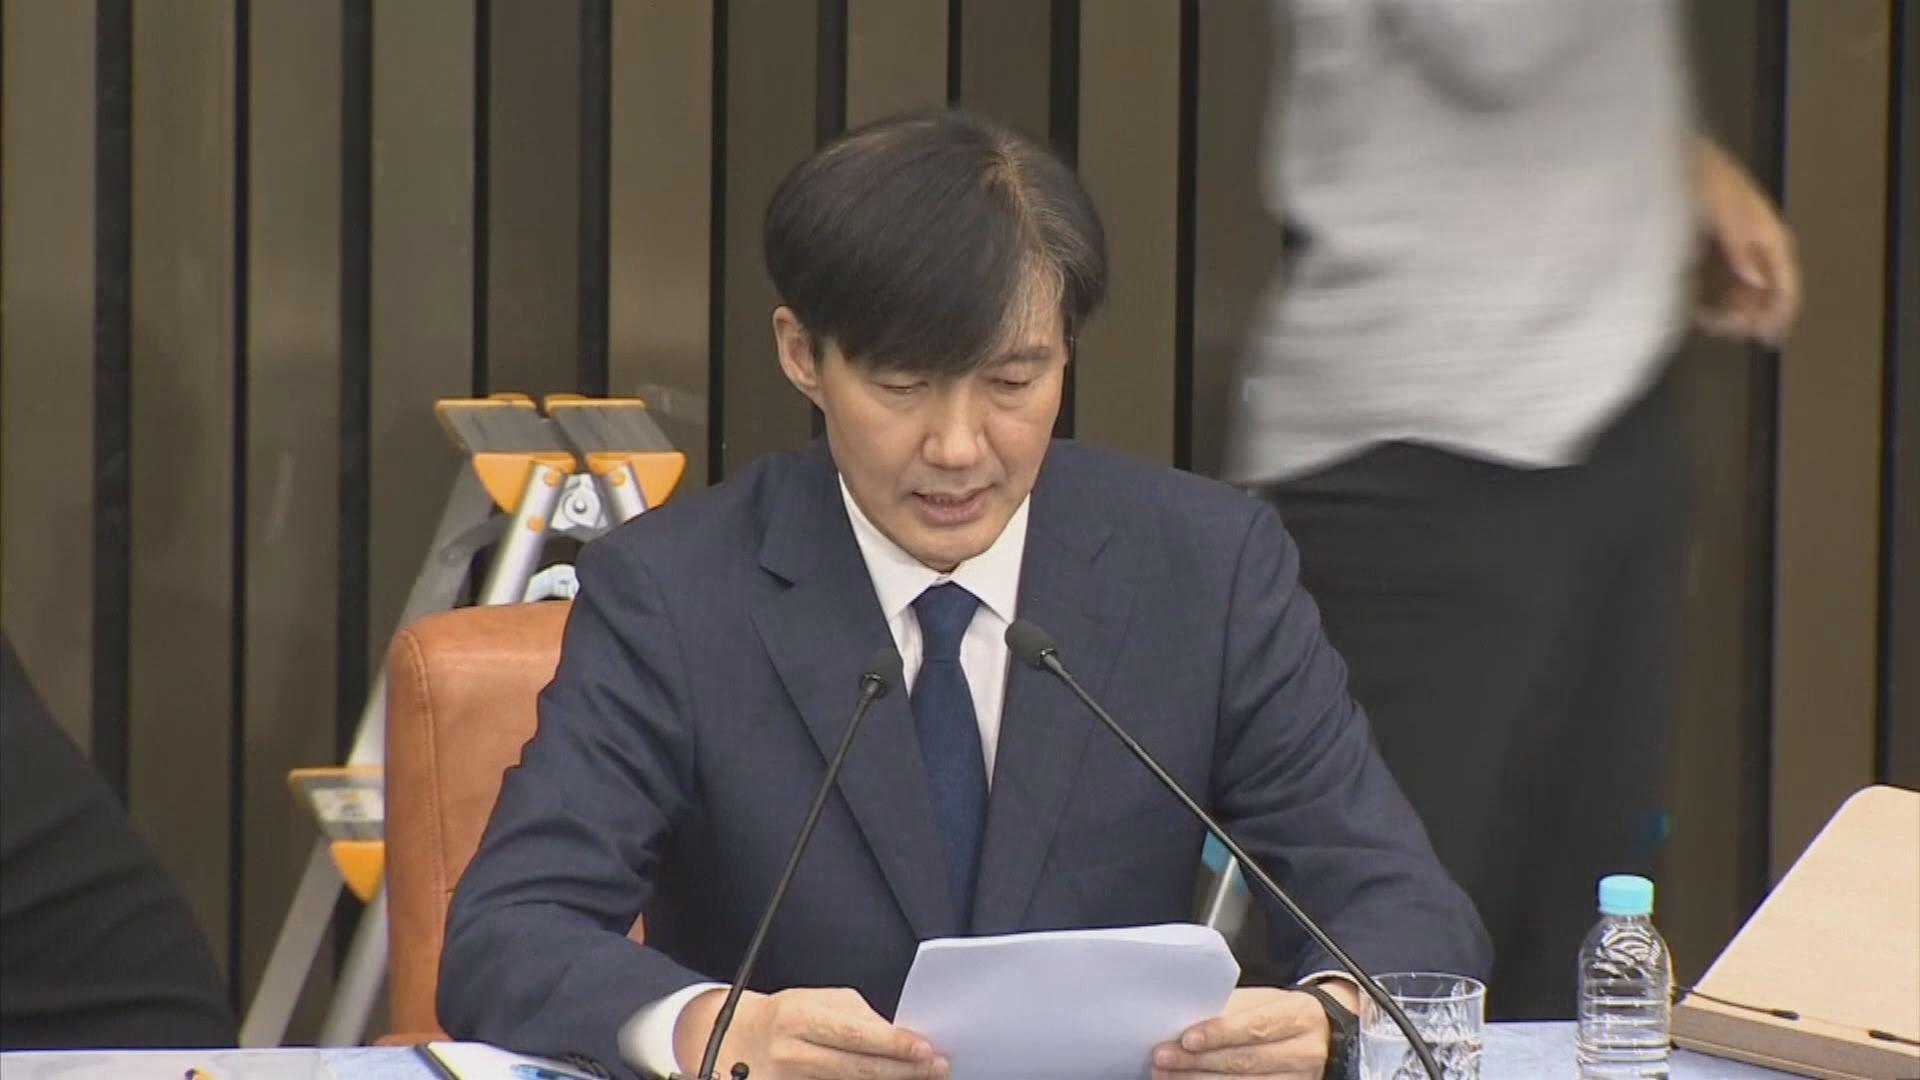 南韓法務部長曹國涉多宗醜聞下辭職